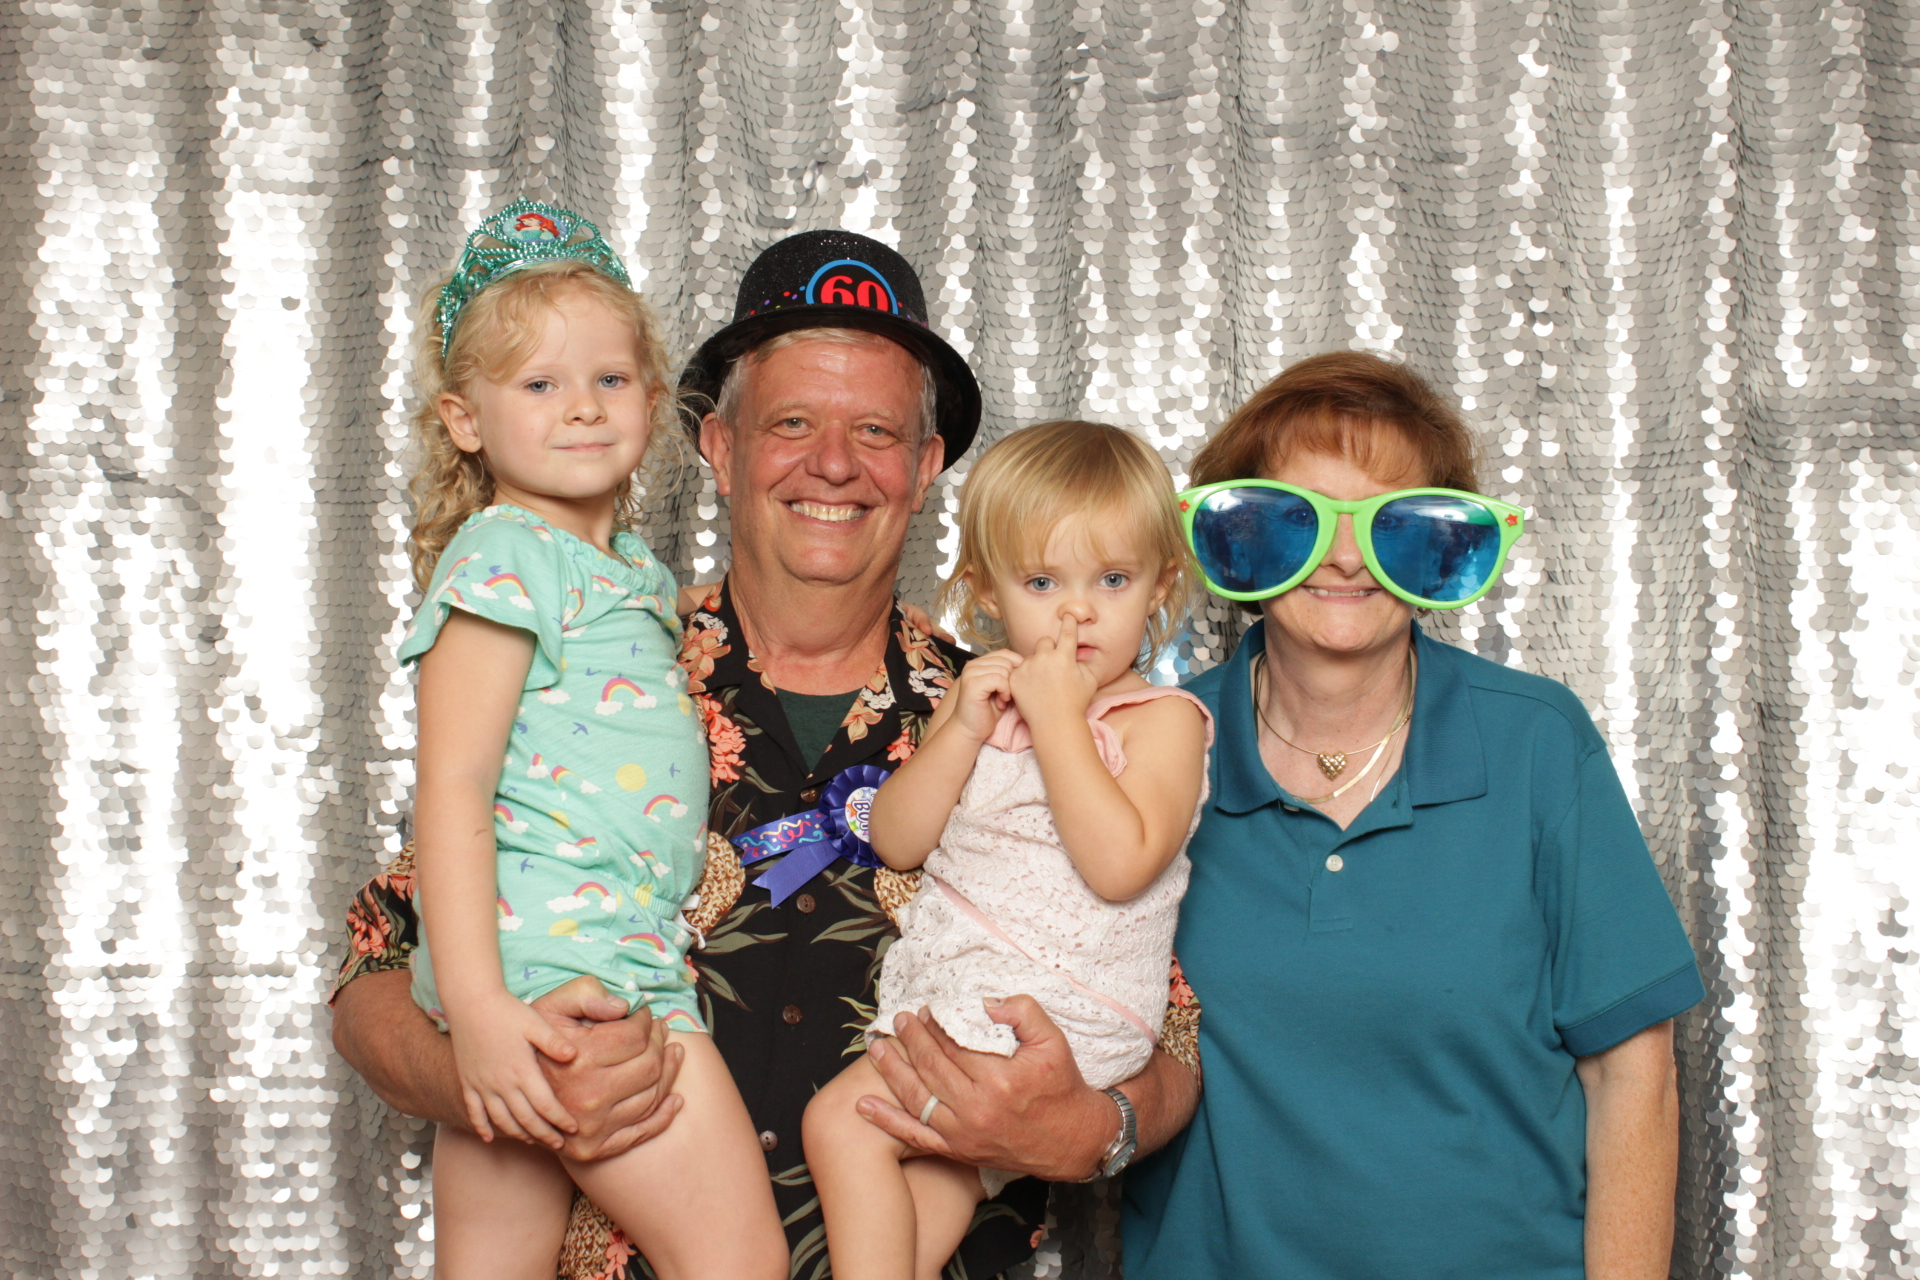 Mike's 60th Birthday Party - Mesa, AZ09/21/2018